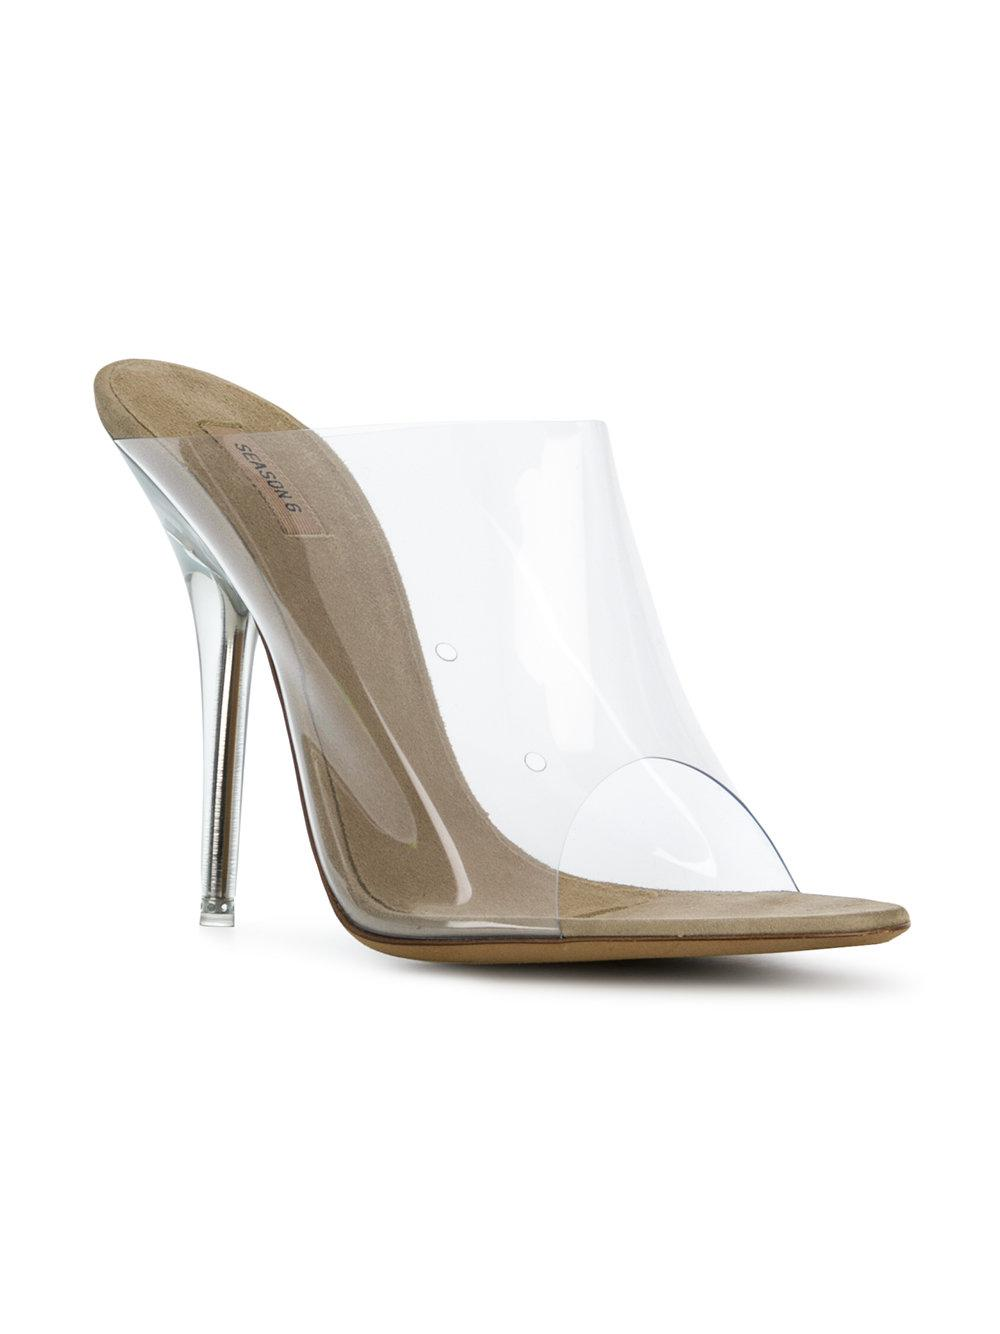 Yeezy Season 6 Ankle Strap PVC Heels in Neutrals. xjXiVod9